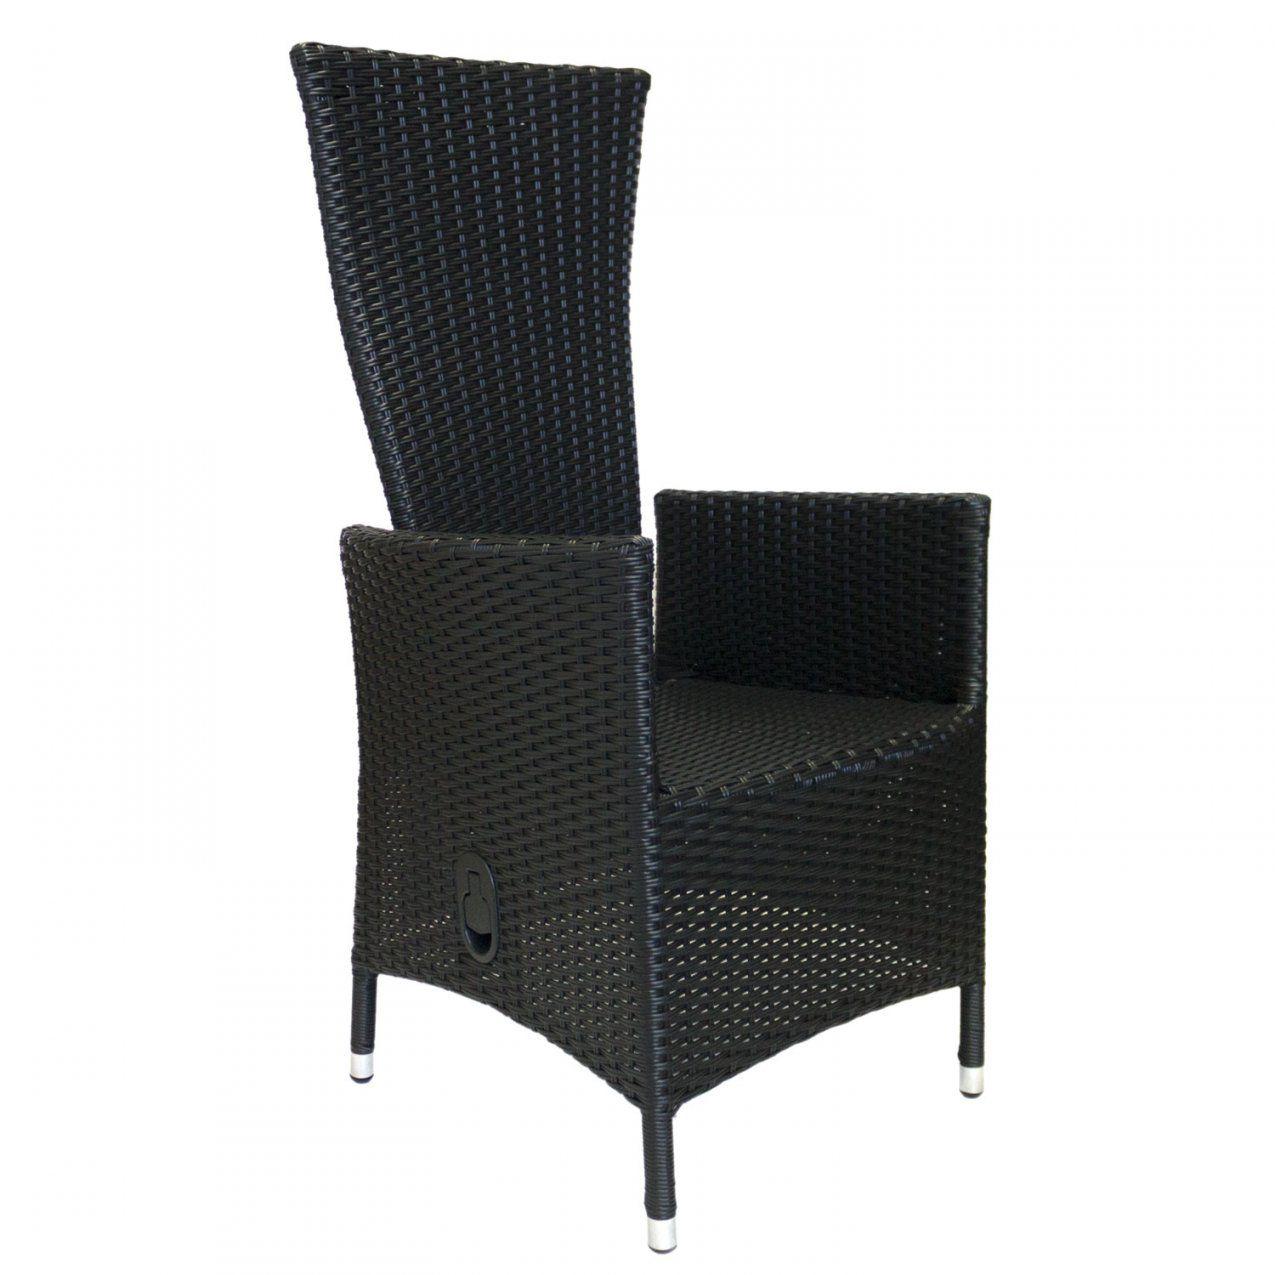 Polyrattan Sessel Lea Schwarz Stufenlos Verstellbare Rückenlehne von Polyrattan Sessel